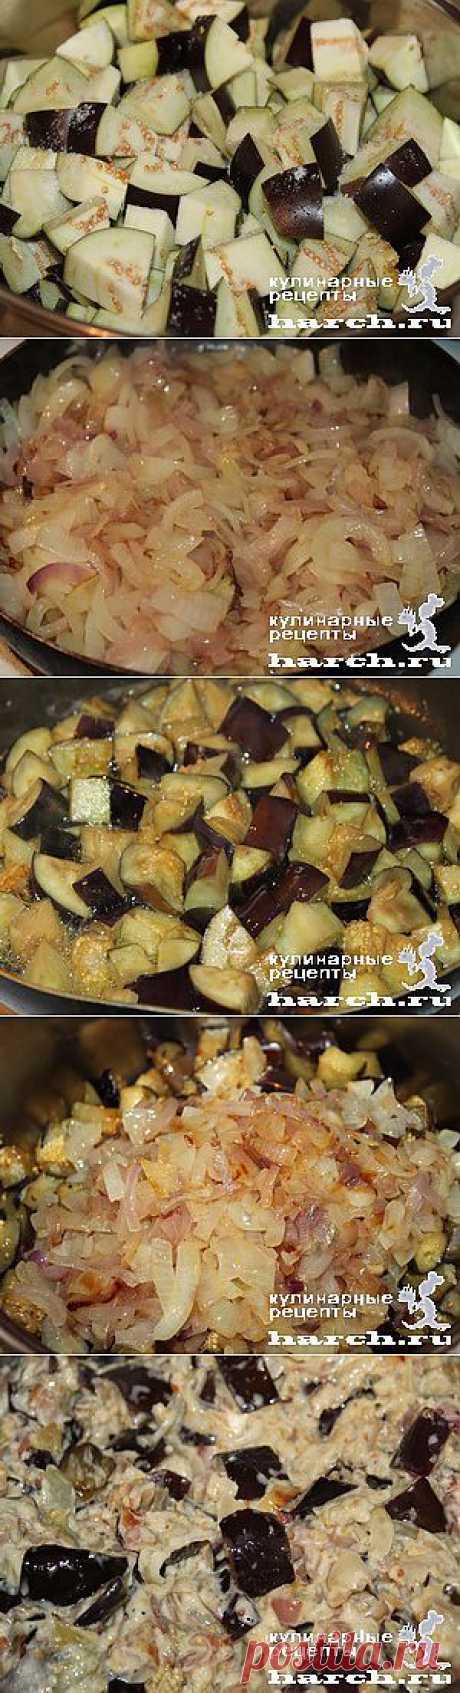 Баклажаны в майонезе | Харч.ру - рецепты для любителей вкусно поесть